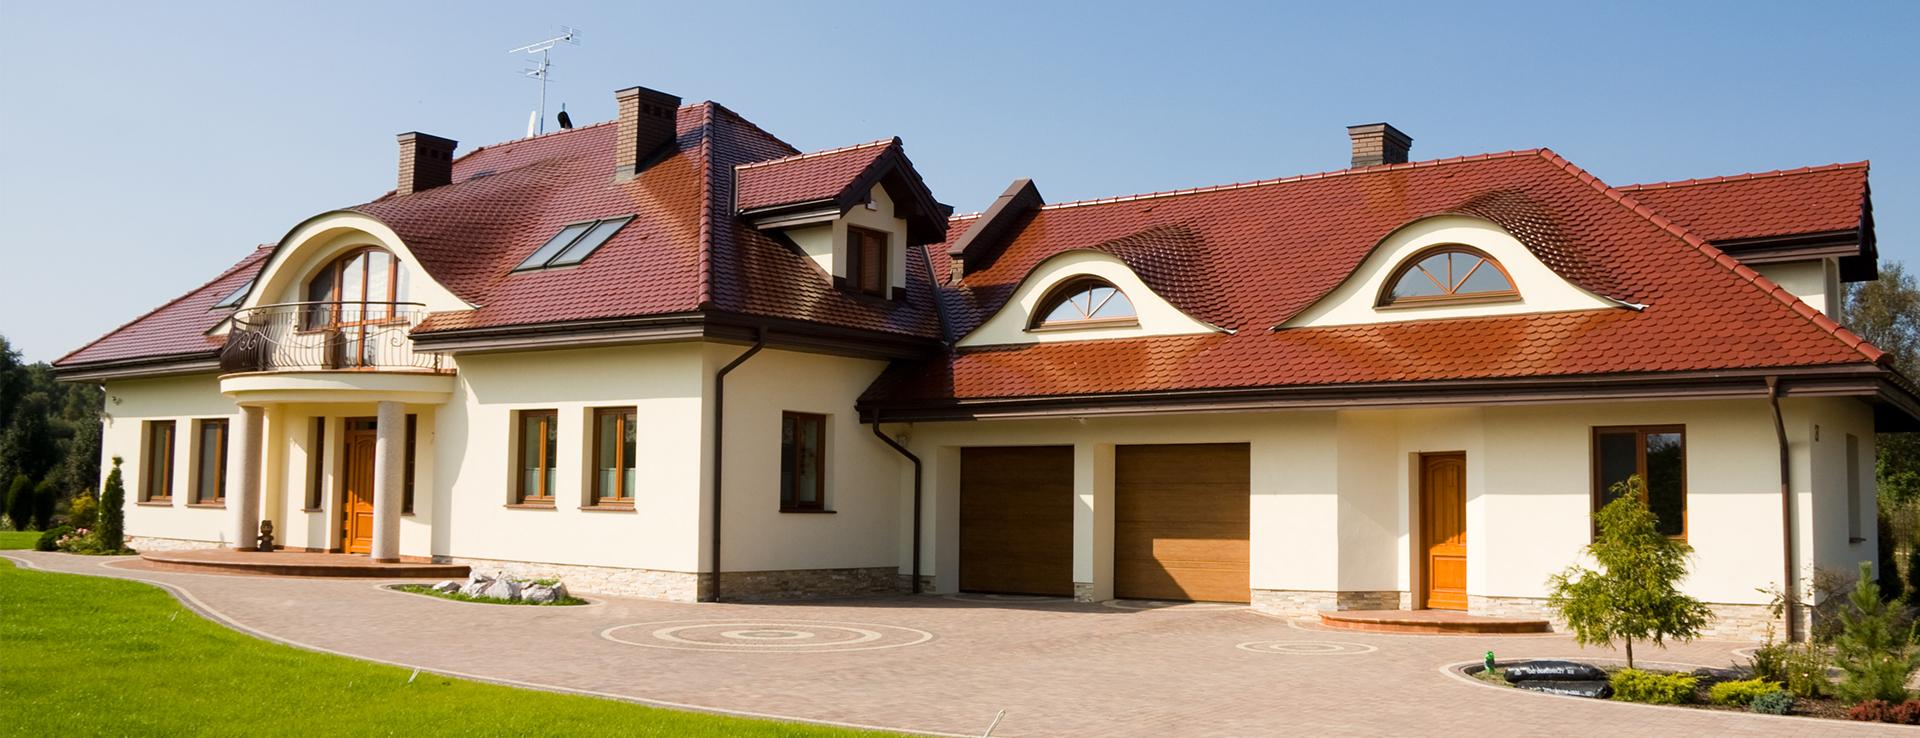 Krycie dachów panelami